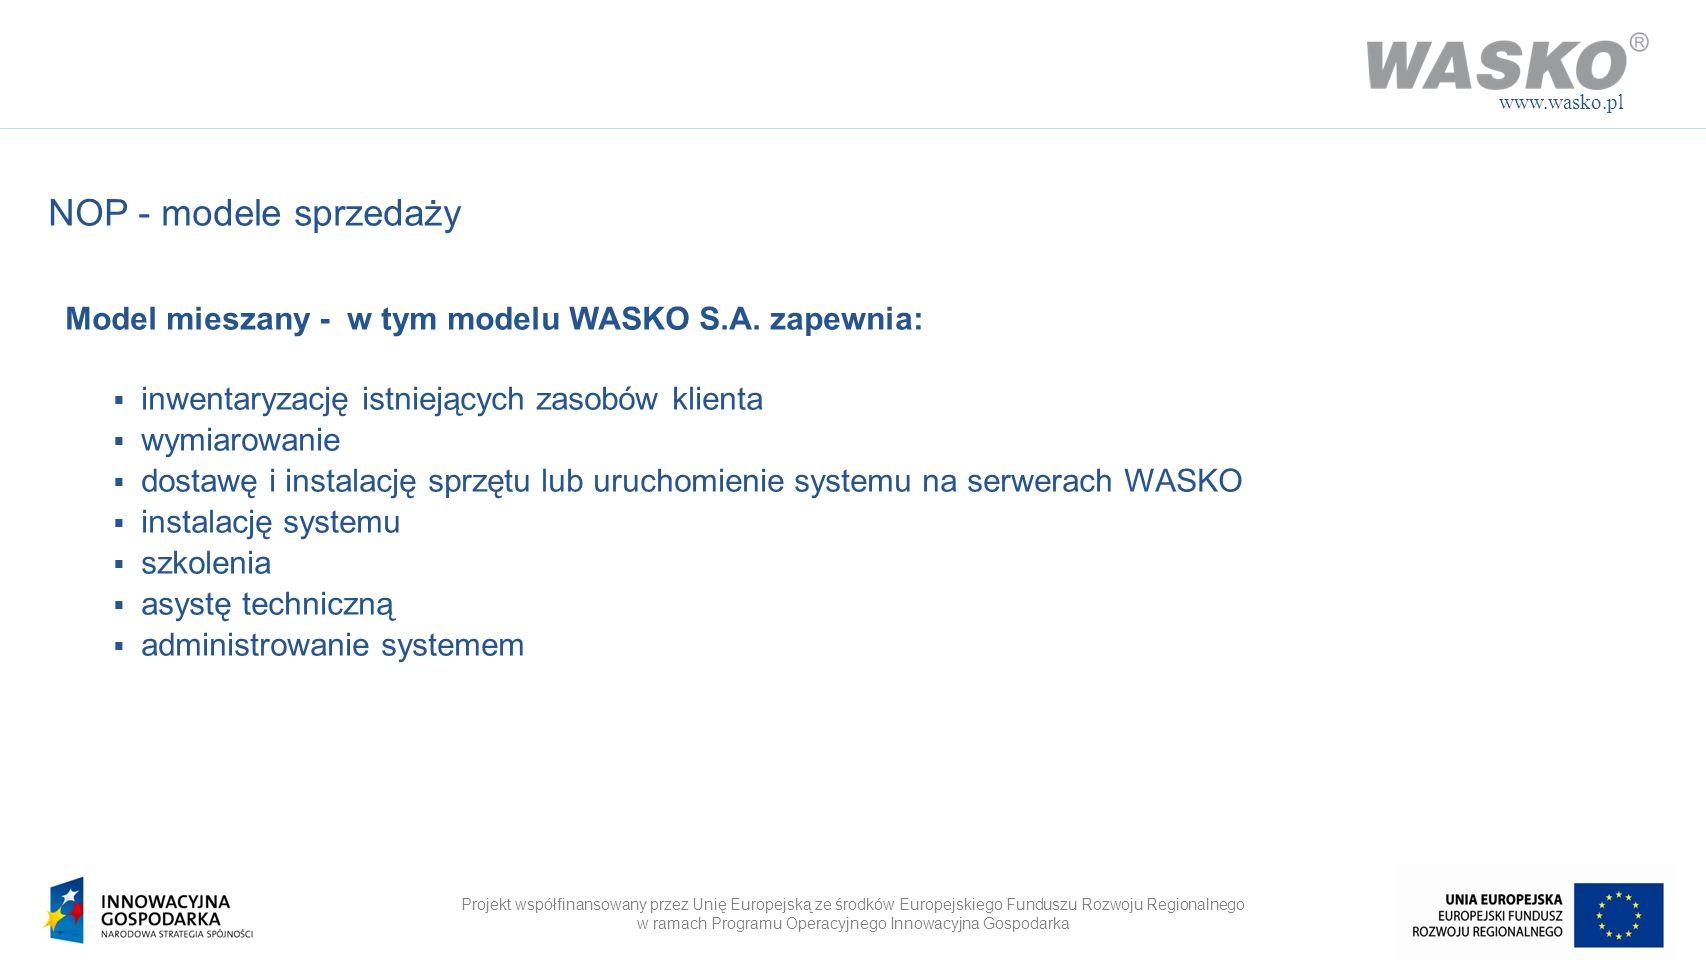 www.wasko.pl NOP - modele sprzedaży. Model mieszany - w tym modelu WASKO S.A. zapewnia: inwentaryzację istniejących zasobów klienta.